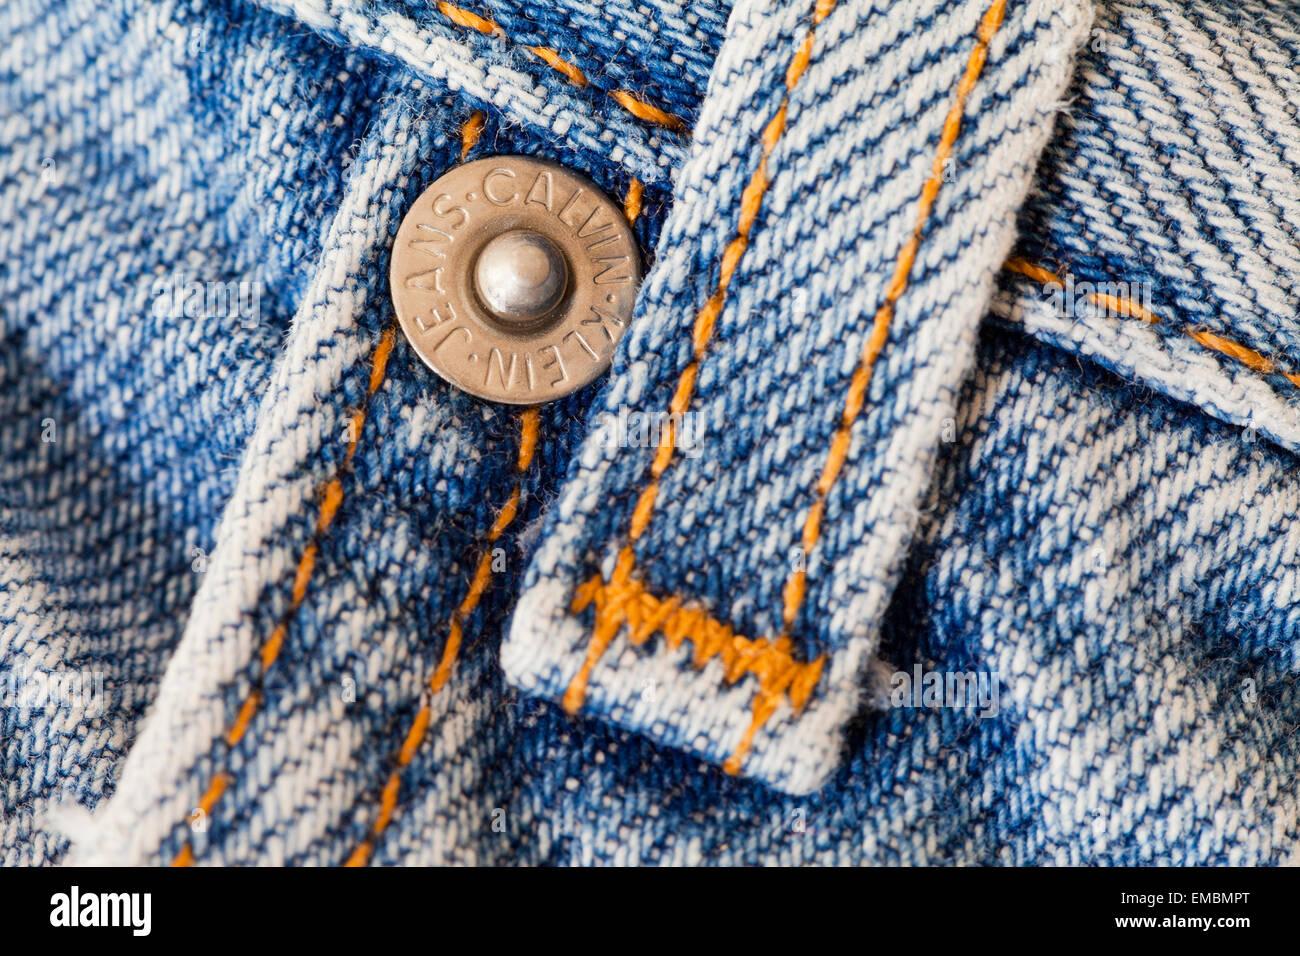 Gürtelschlaufe und Niet auf Calvin Klein Bluejeans Stockbild